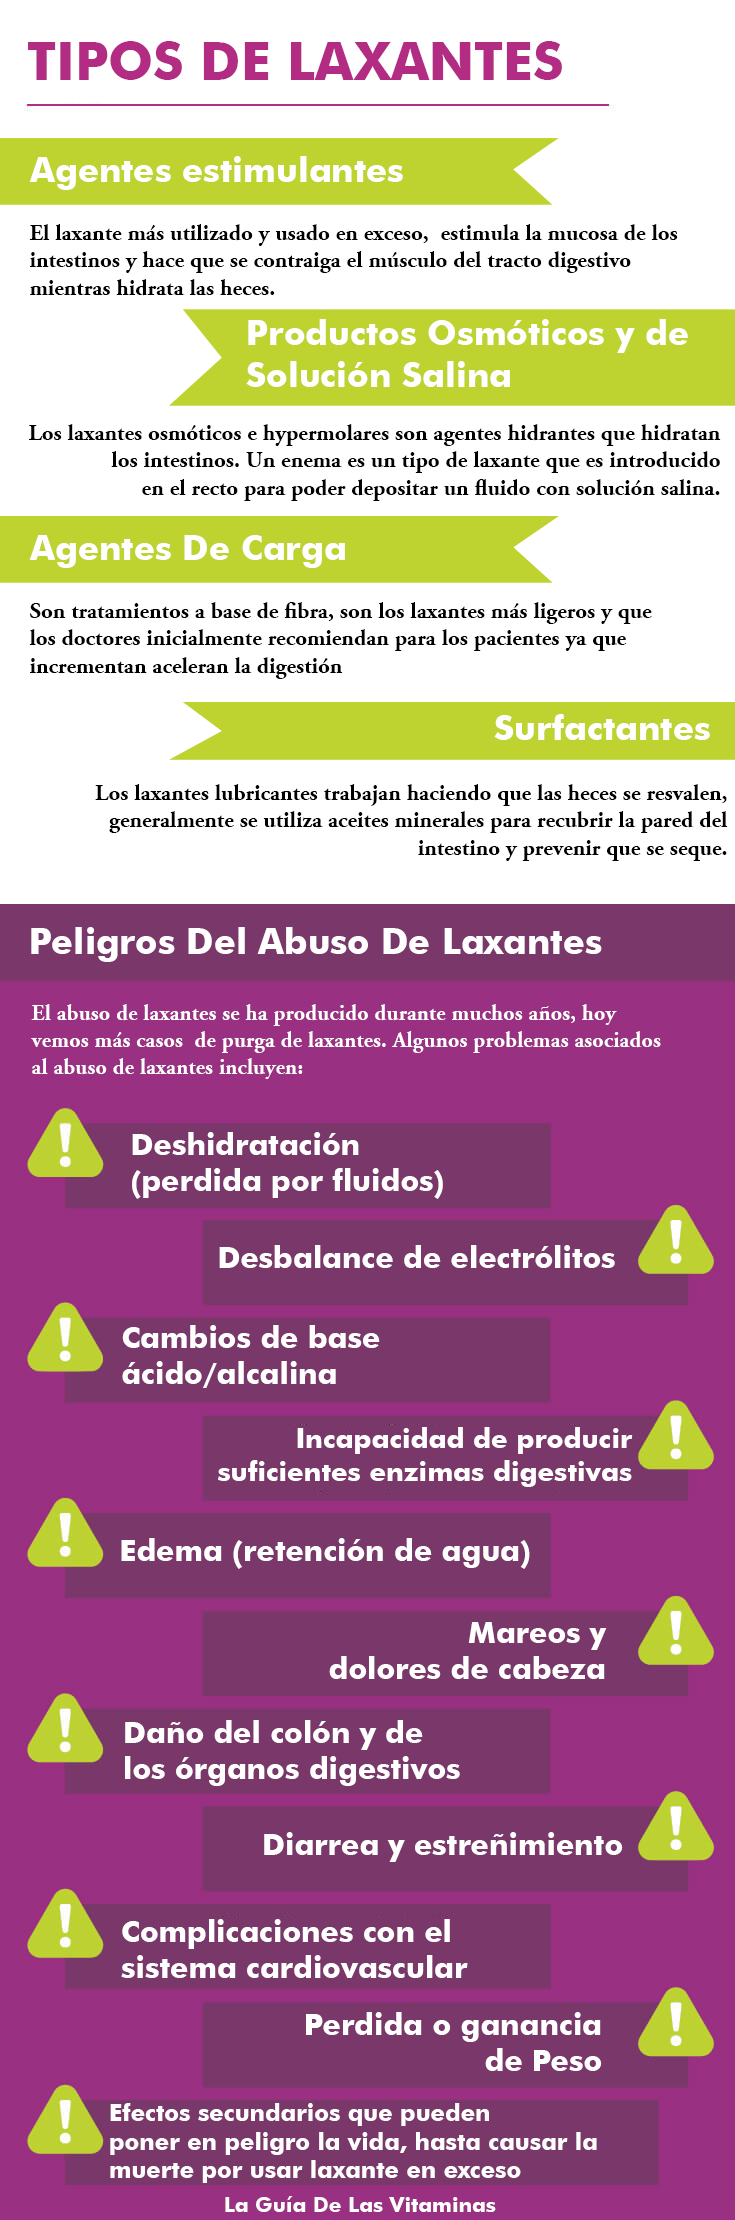 infografico-Tipos-de-laxante